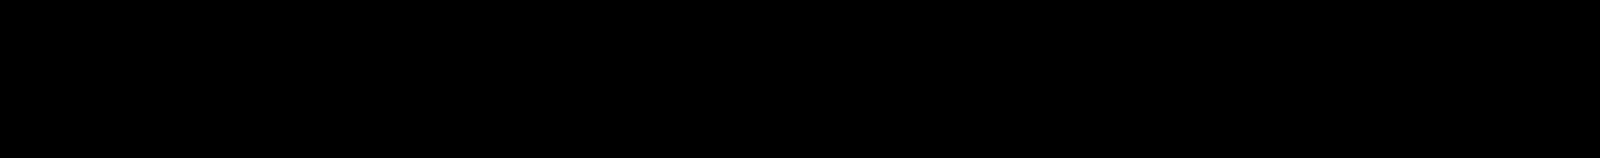 Haarlemse Ladder